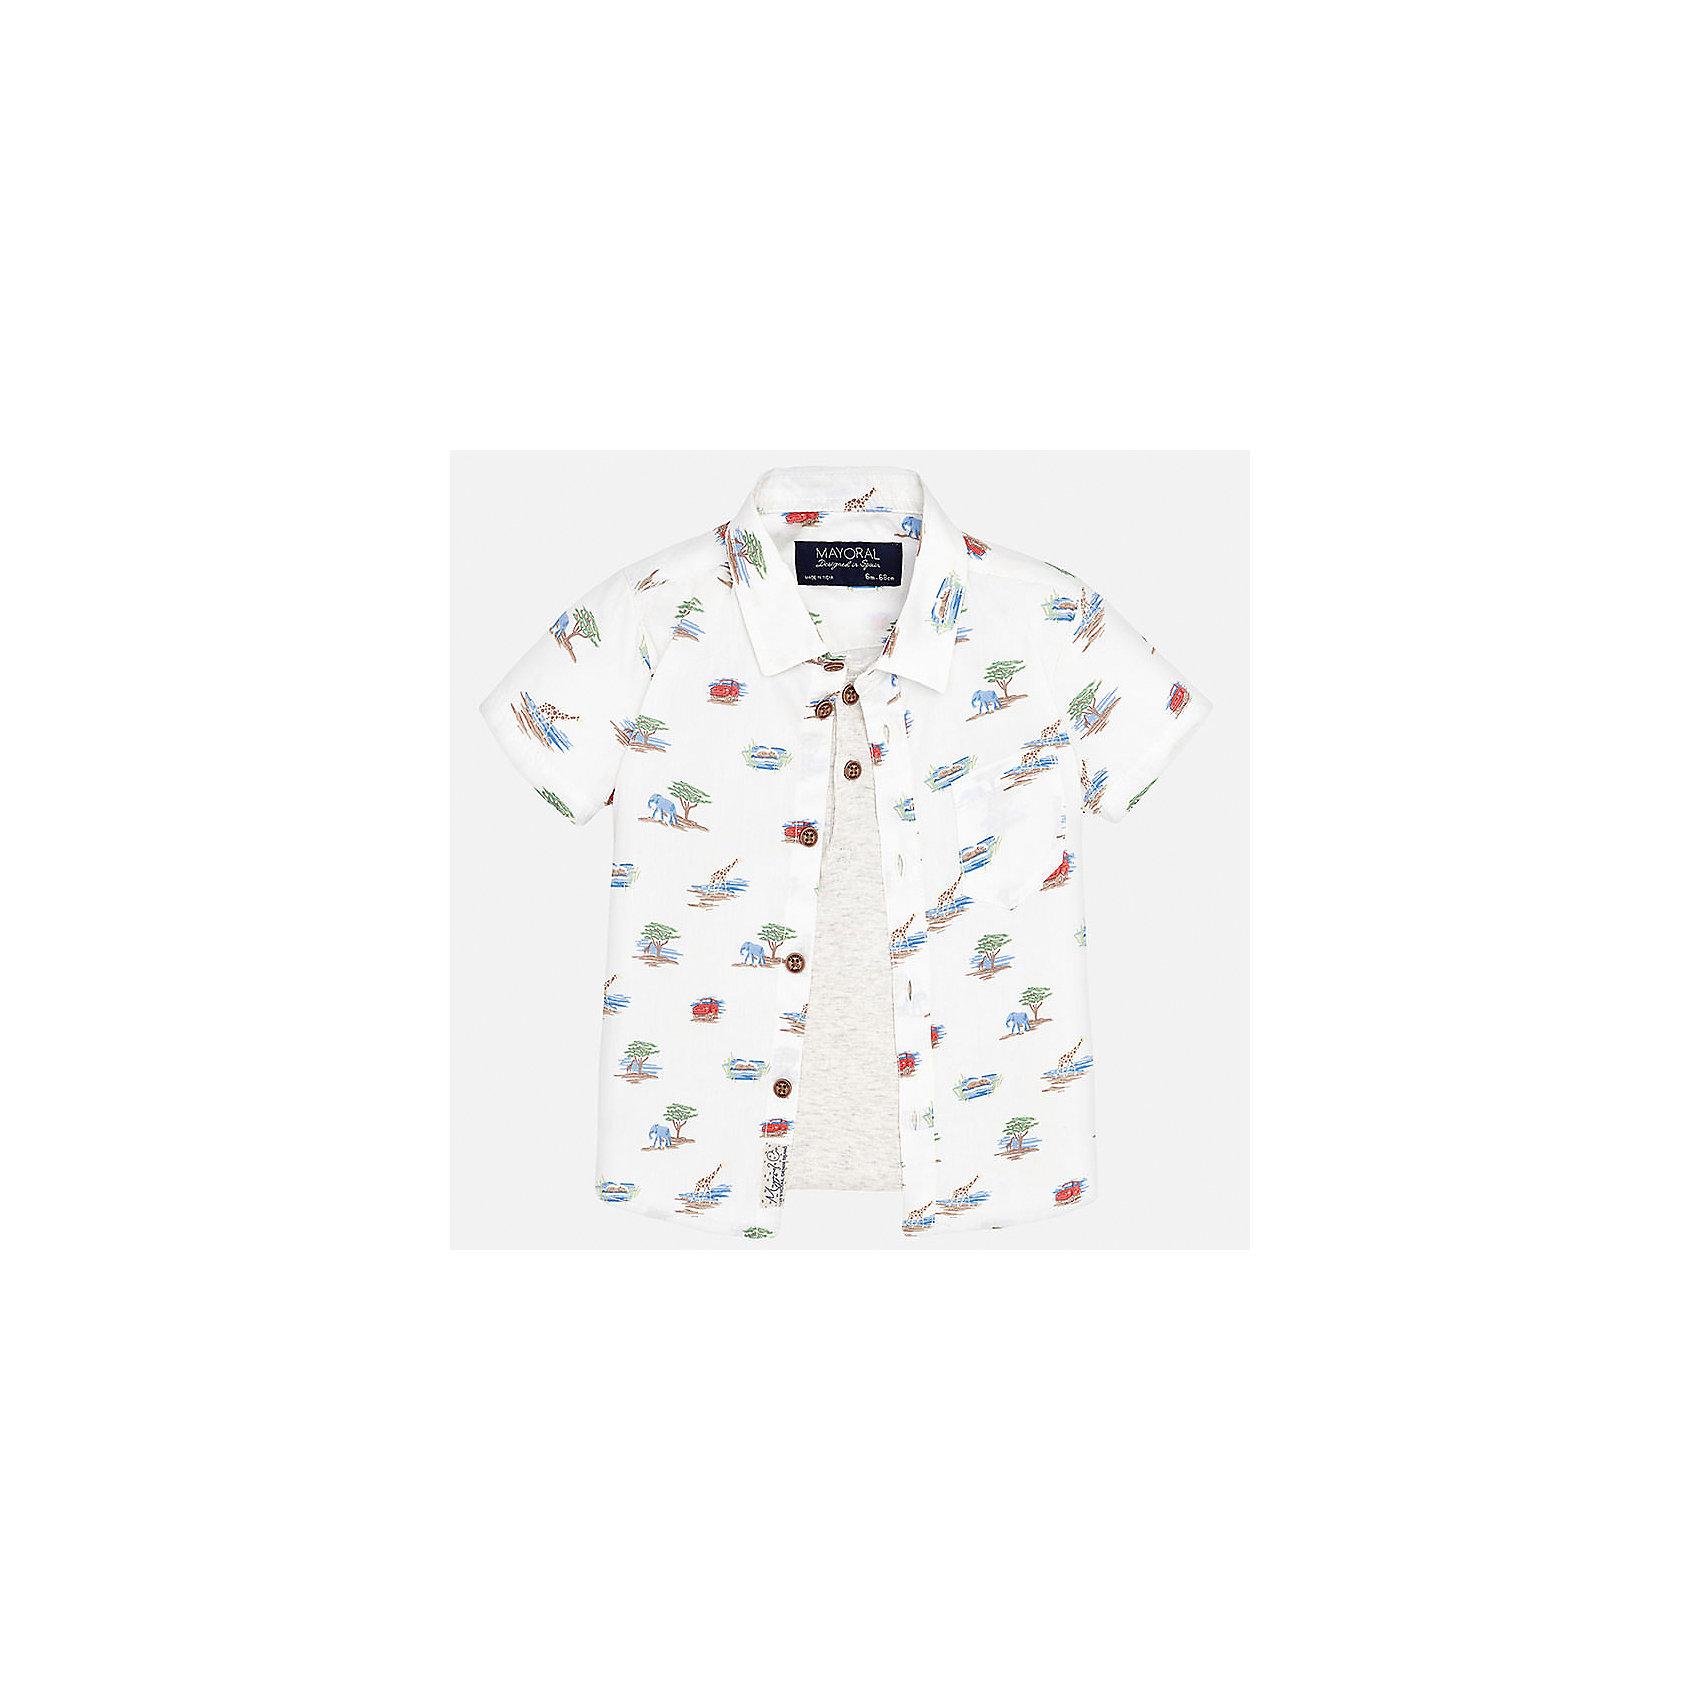 Рубашка для мальчика MayoralХарактеристики товара:<br><br>• цвет: белый<br>• состав: 100% хлопок<br>• отложной воротник<br>• короткие рукава<br>• застежка: пуговицы<br>• карман на груди<br>• страна бренда: Испания<br><br>Красивая рубашка может отлично дополнить гардероб ребенка. Она хорошо сочетается с брюками, шортами, джинсами и т.д. Универсальный крой и цвет позволяет подобрать к вещи низ разных расцветок. Практичное и стильное изделие! В составе материала - только натуральный хлопок, гипоаллергенный, приятный на ощупь, дышащий.<br><br>Одежда, обувь и аксессуары от испанского бренда Mayoral полюбились детям и взрослым по всему миру. Модели этой марки - стильные и удобные. Для их производства используются только безопасные, качественные материалы и фурнитура. Порадуйте ребенка модными и красивыми вещами от Mayoral! <br><br>Рубашку для мальчика от испанского бренда Mayoral (Майорал) можно купить в нашем интернет-магазине.<br><br>Ширина мм: 174<br>Глубина мм: 10<br>Высота мм: 169<br>Вес г: 157<br>Цвет: белый<br>Возраст от месяцев: 12<br>Возраст до месяцев: 15<br>Пол: Мужской<br>Возраст: Детский<br>Размер: 86,80,92<br>SKU: 5279468